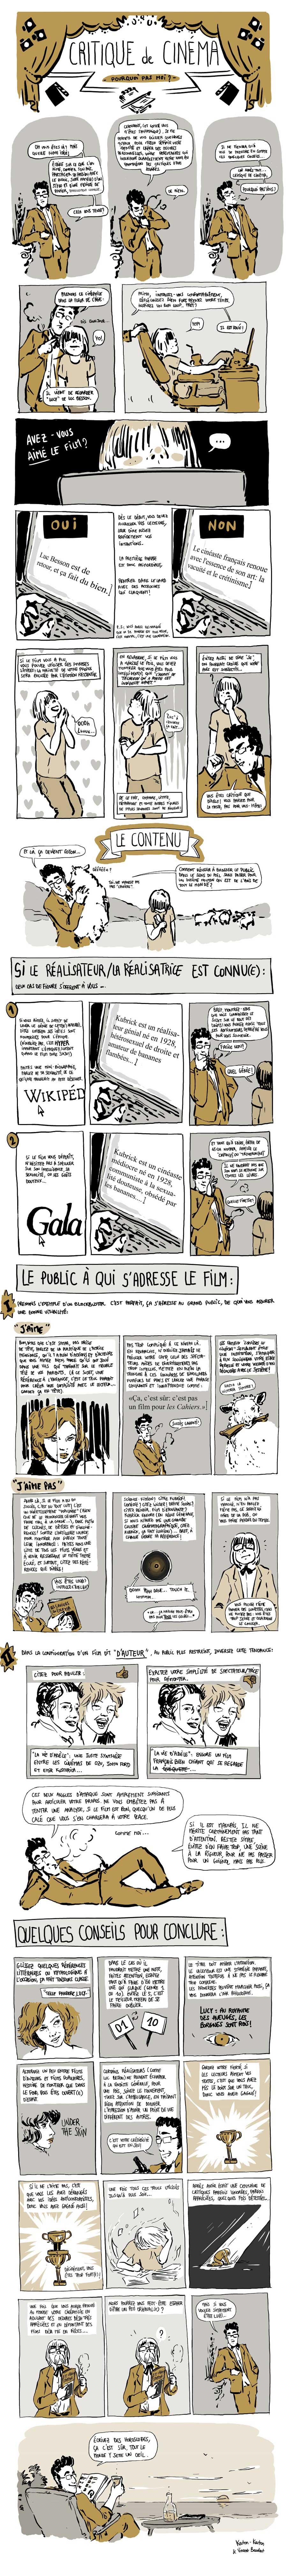 la-critique-du-cinema-bd